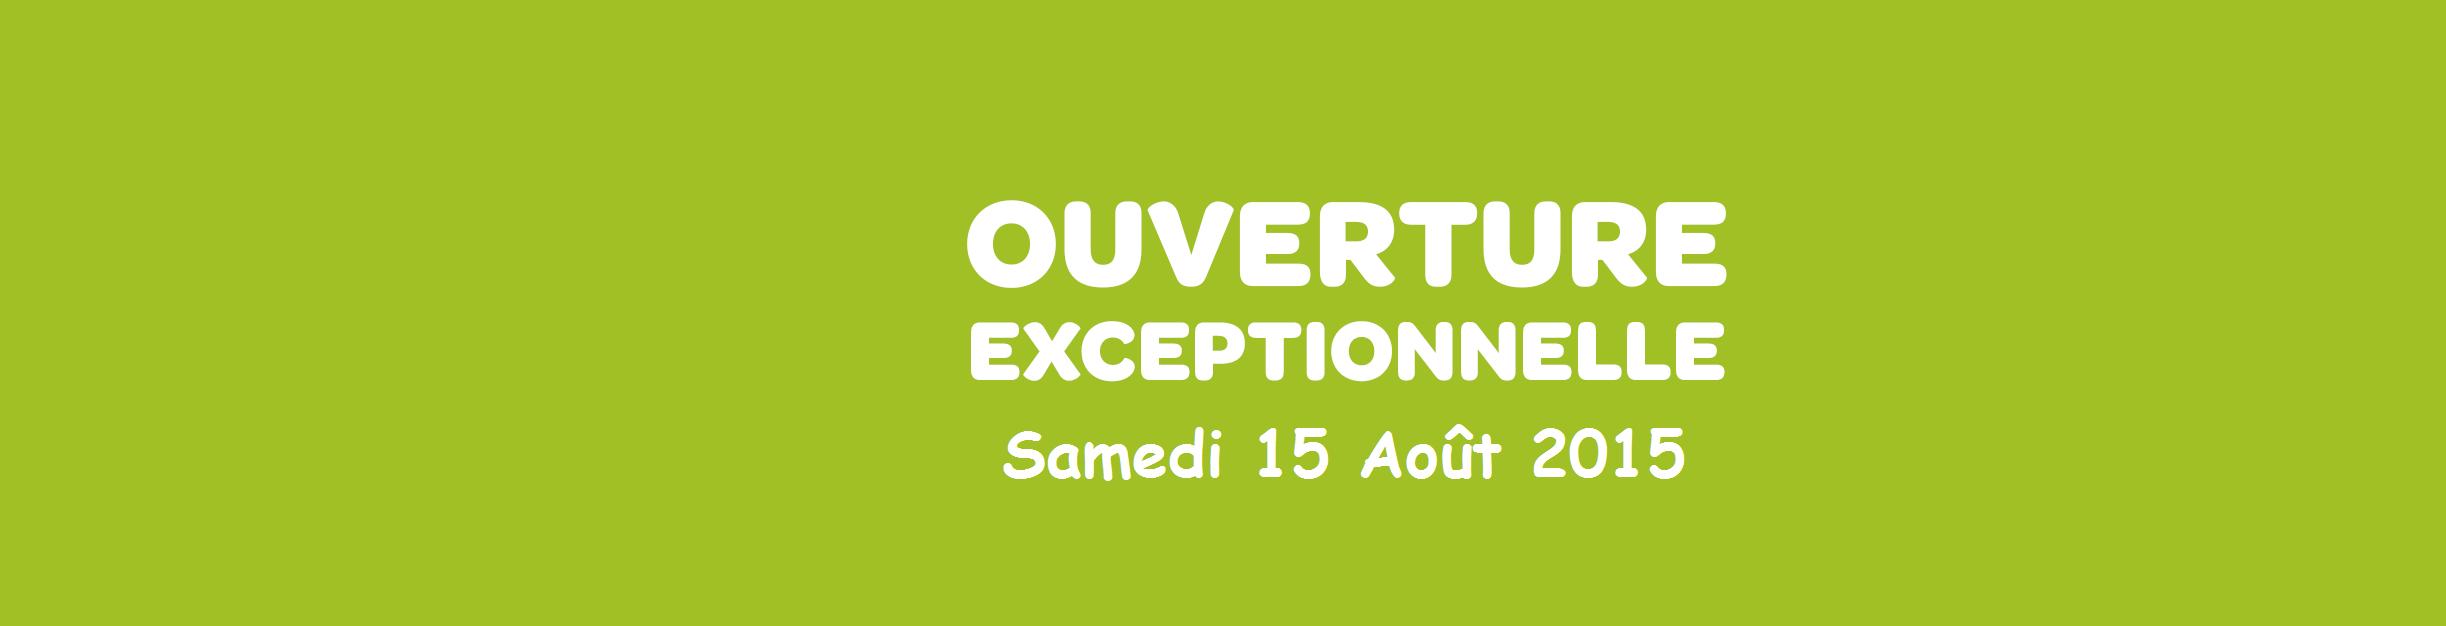 Oouverture 15 Aout